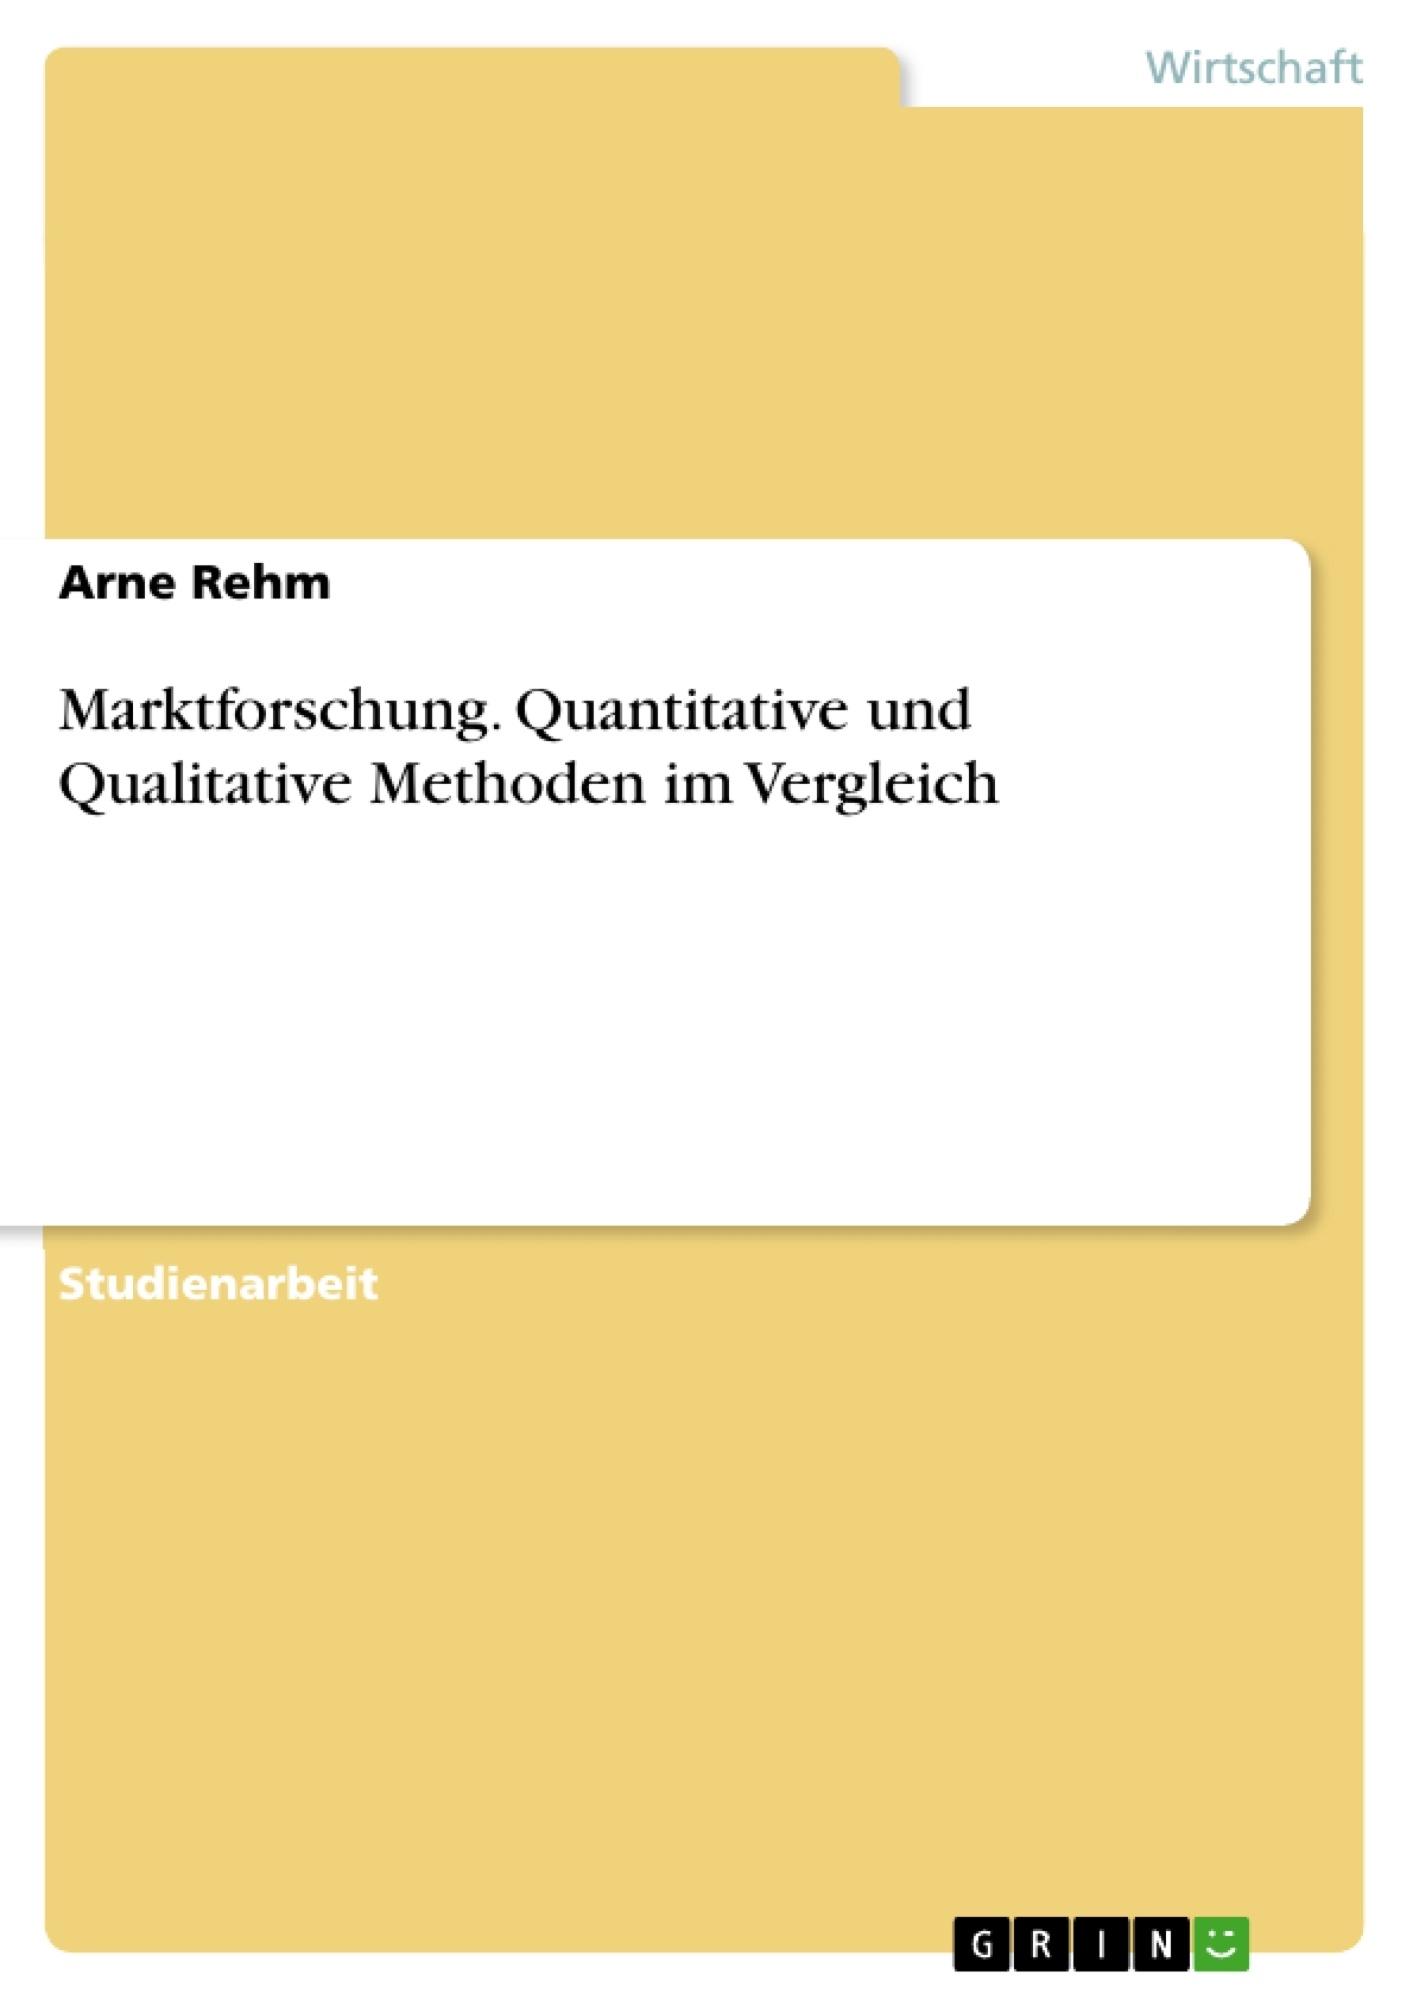 Titel: Marktforschung. Quantitative und Qualitative Methoden im Vergleich